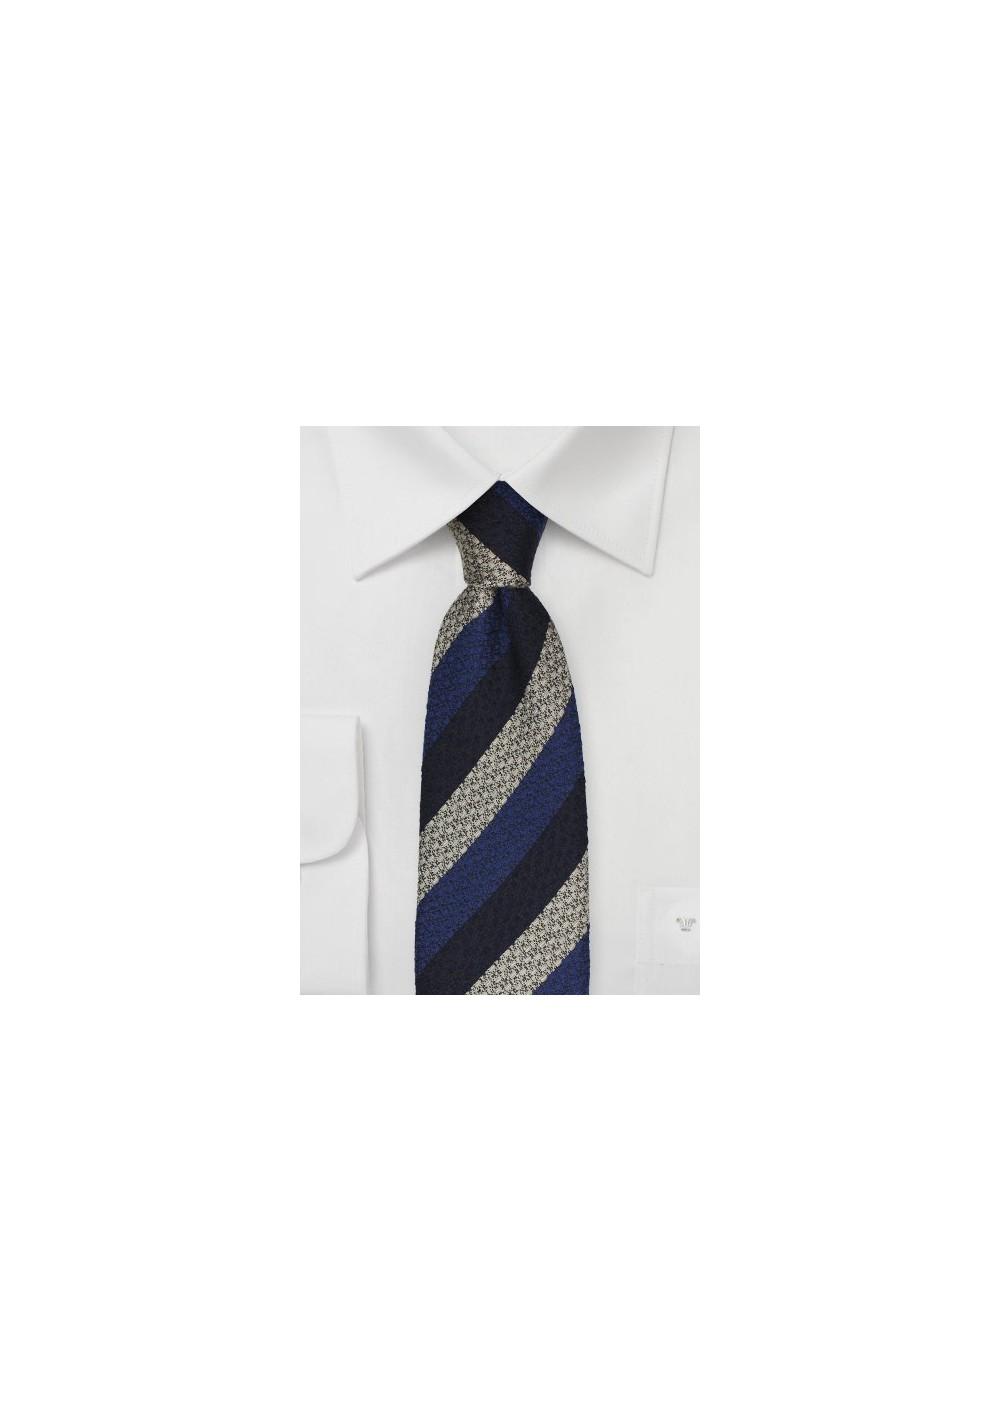 Retro Striped Tie in Blue